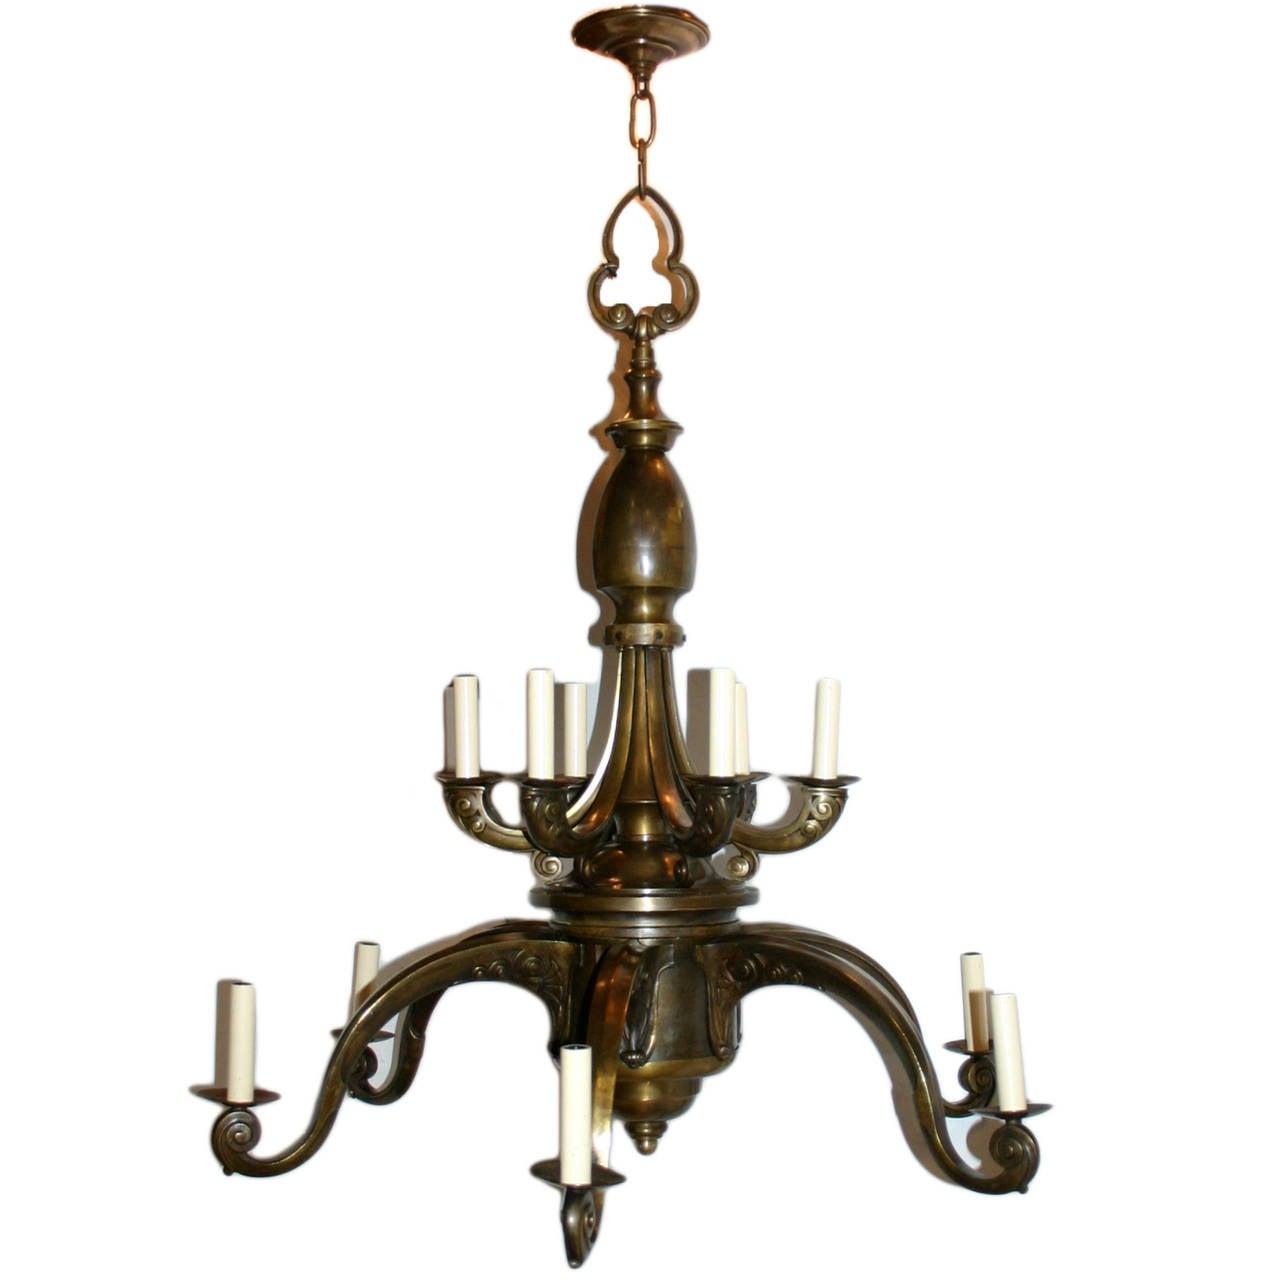 Art nouveau double tier chandelier for sale at 1stdibs for Chandelier art nouveau